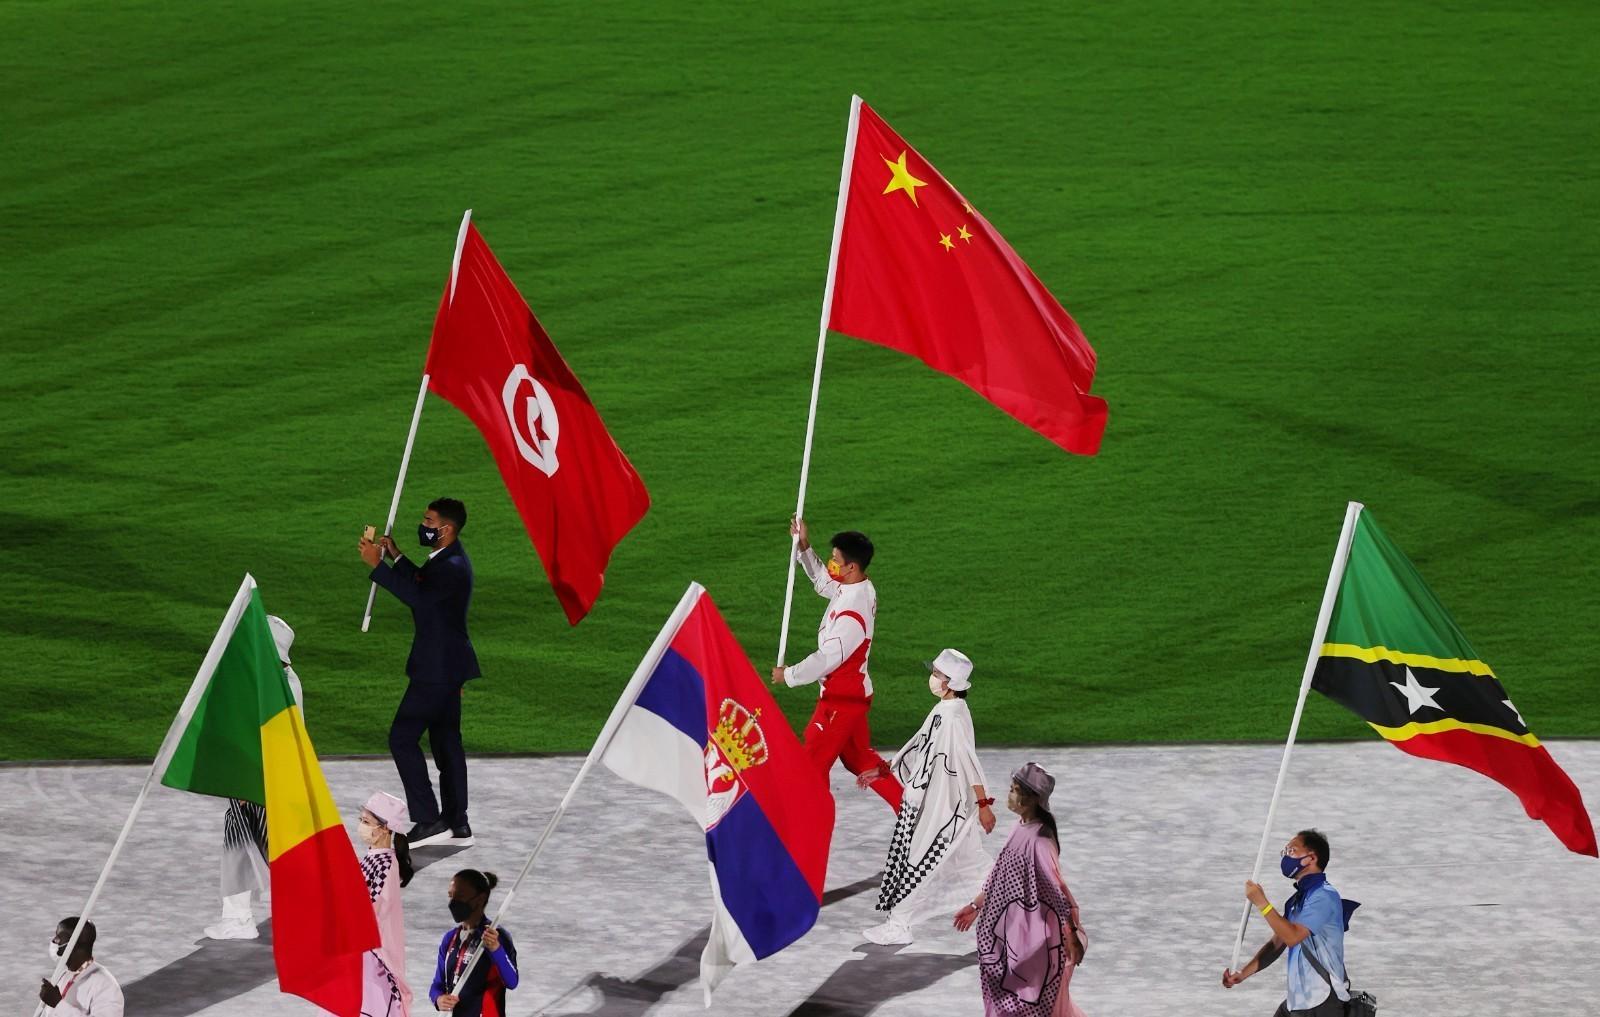 东京奥运会闭幕式举行,中国代表团旗手苏炳添入场